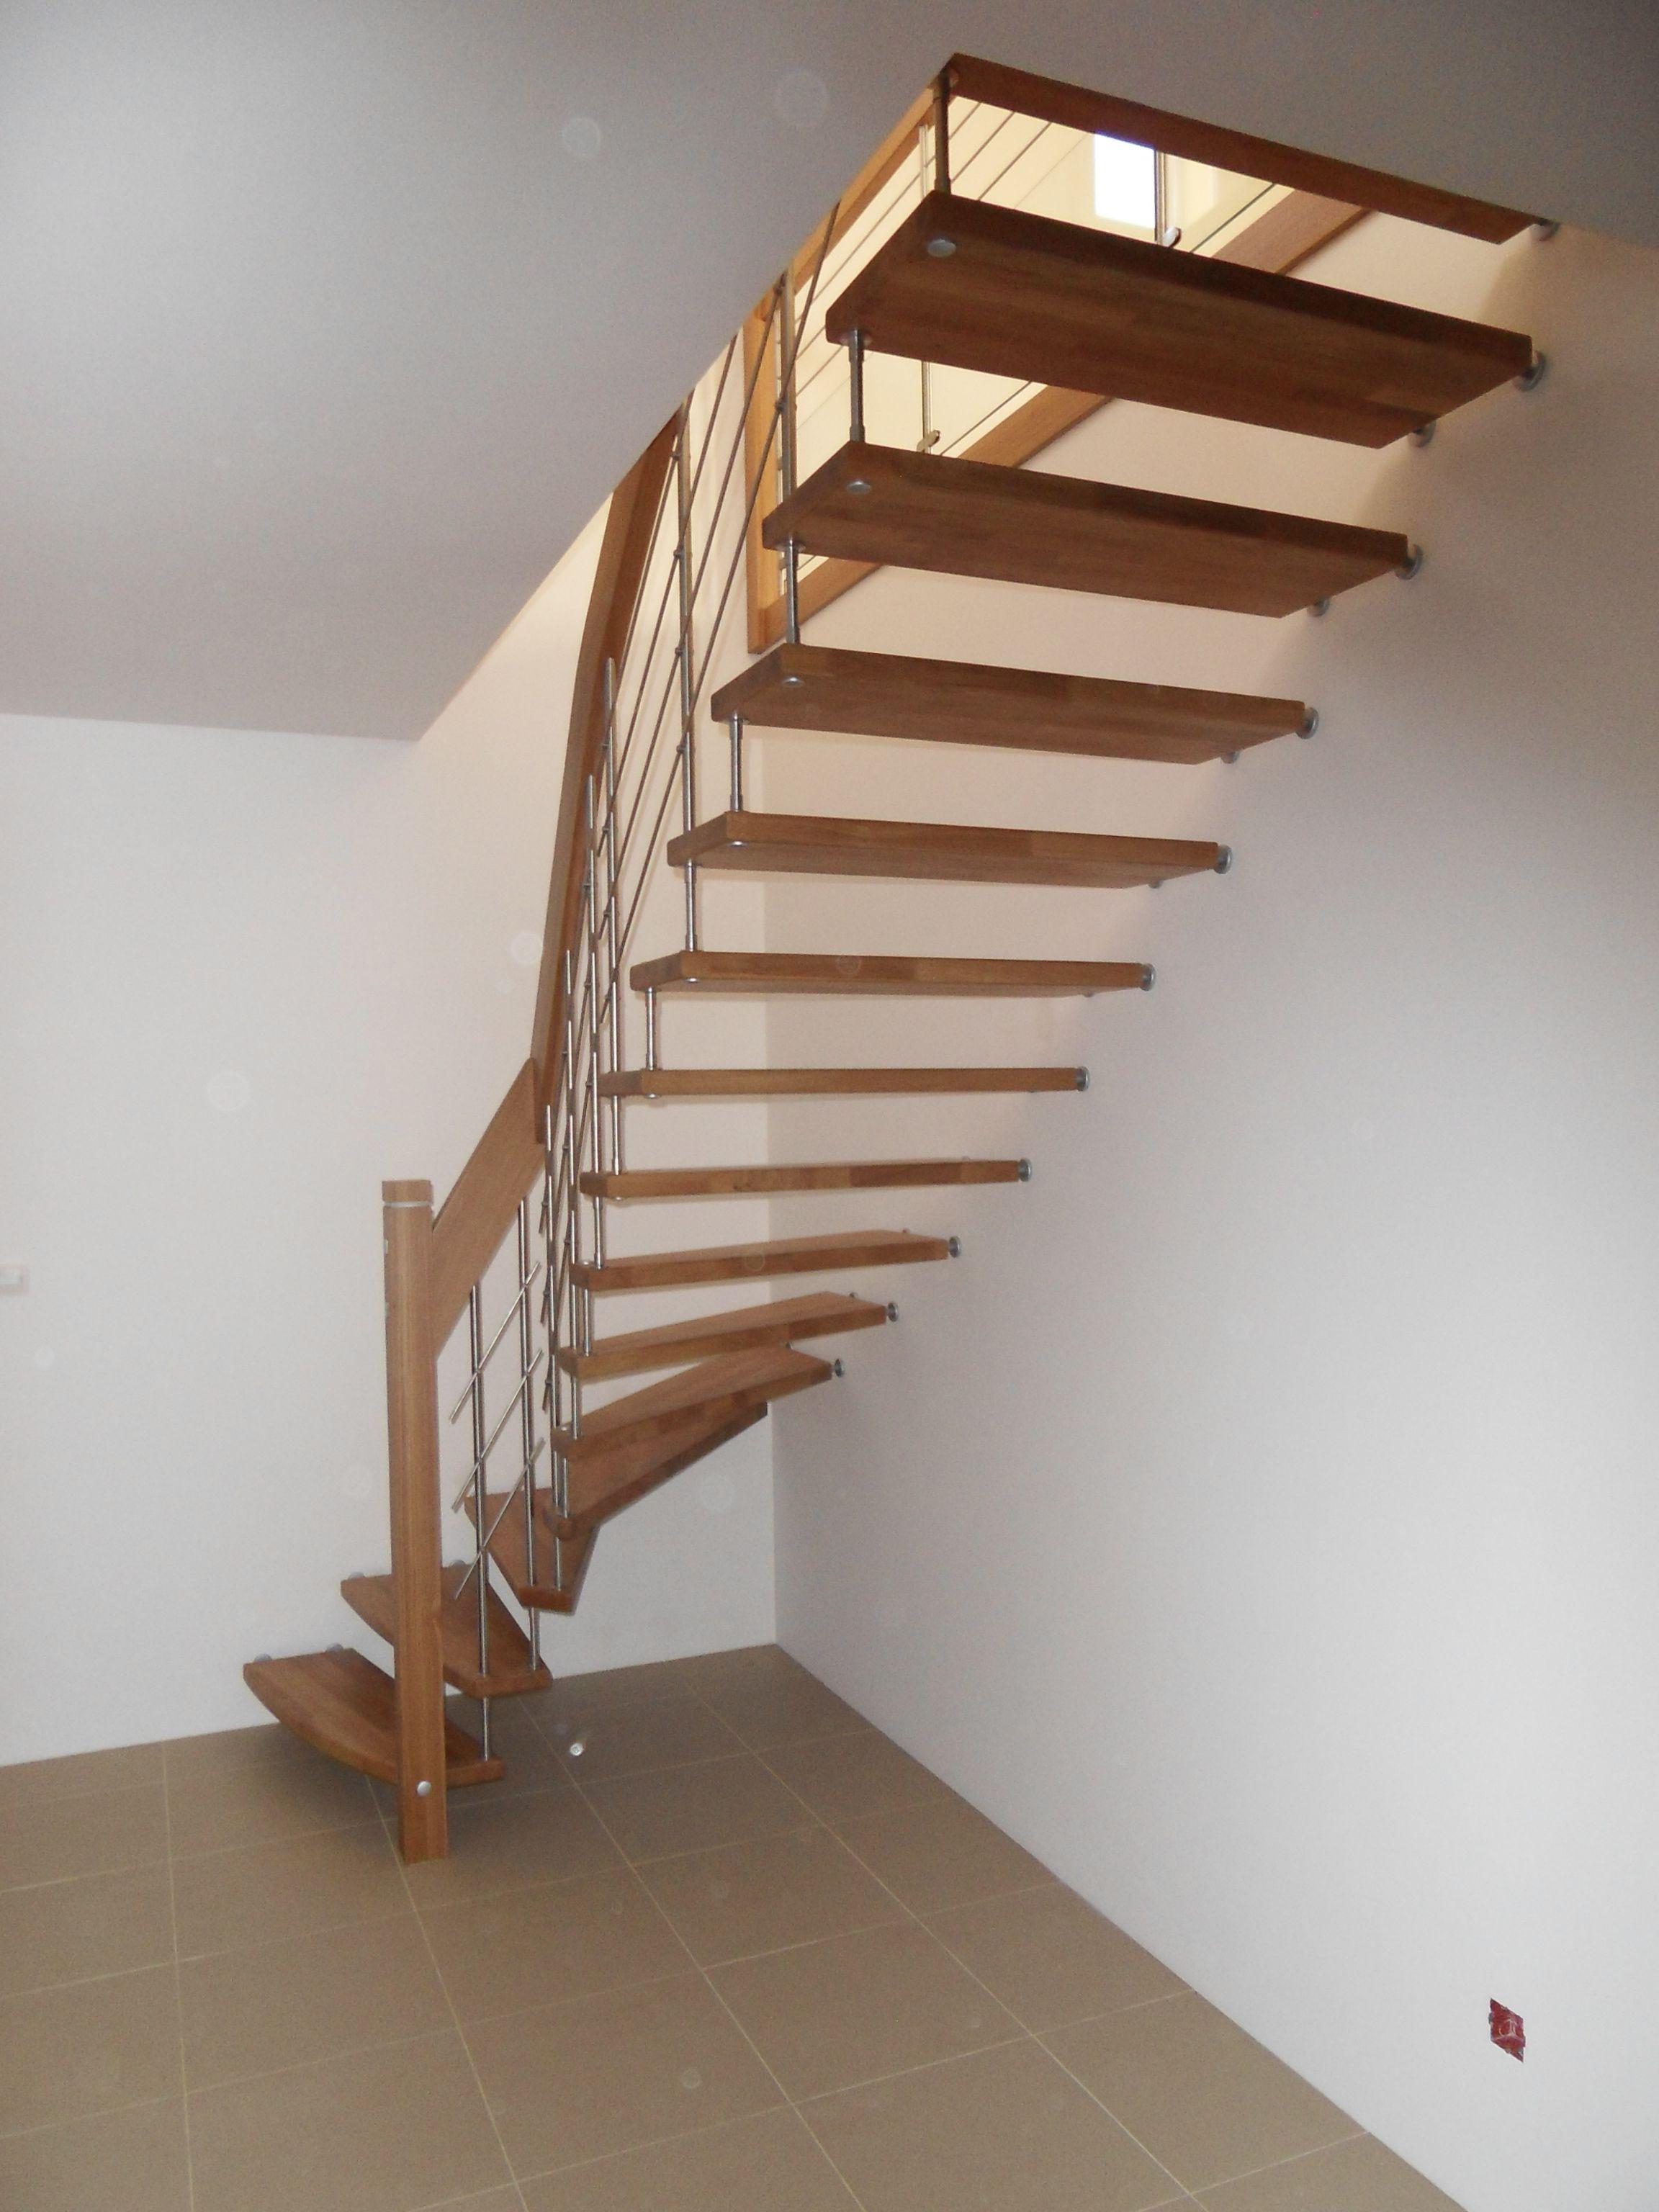 Passion Bois intérieur escalier suspendu design en chêne massif #treppenmeister. plus d